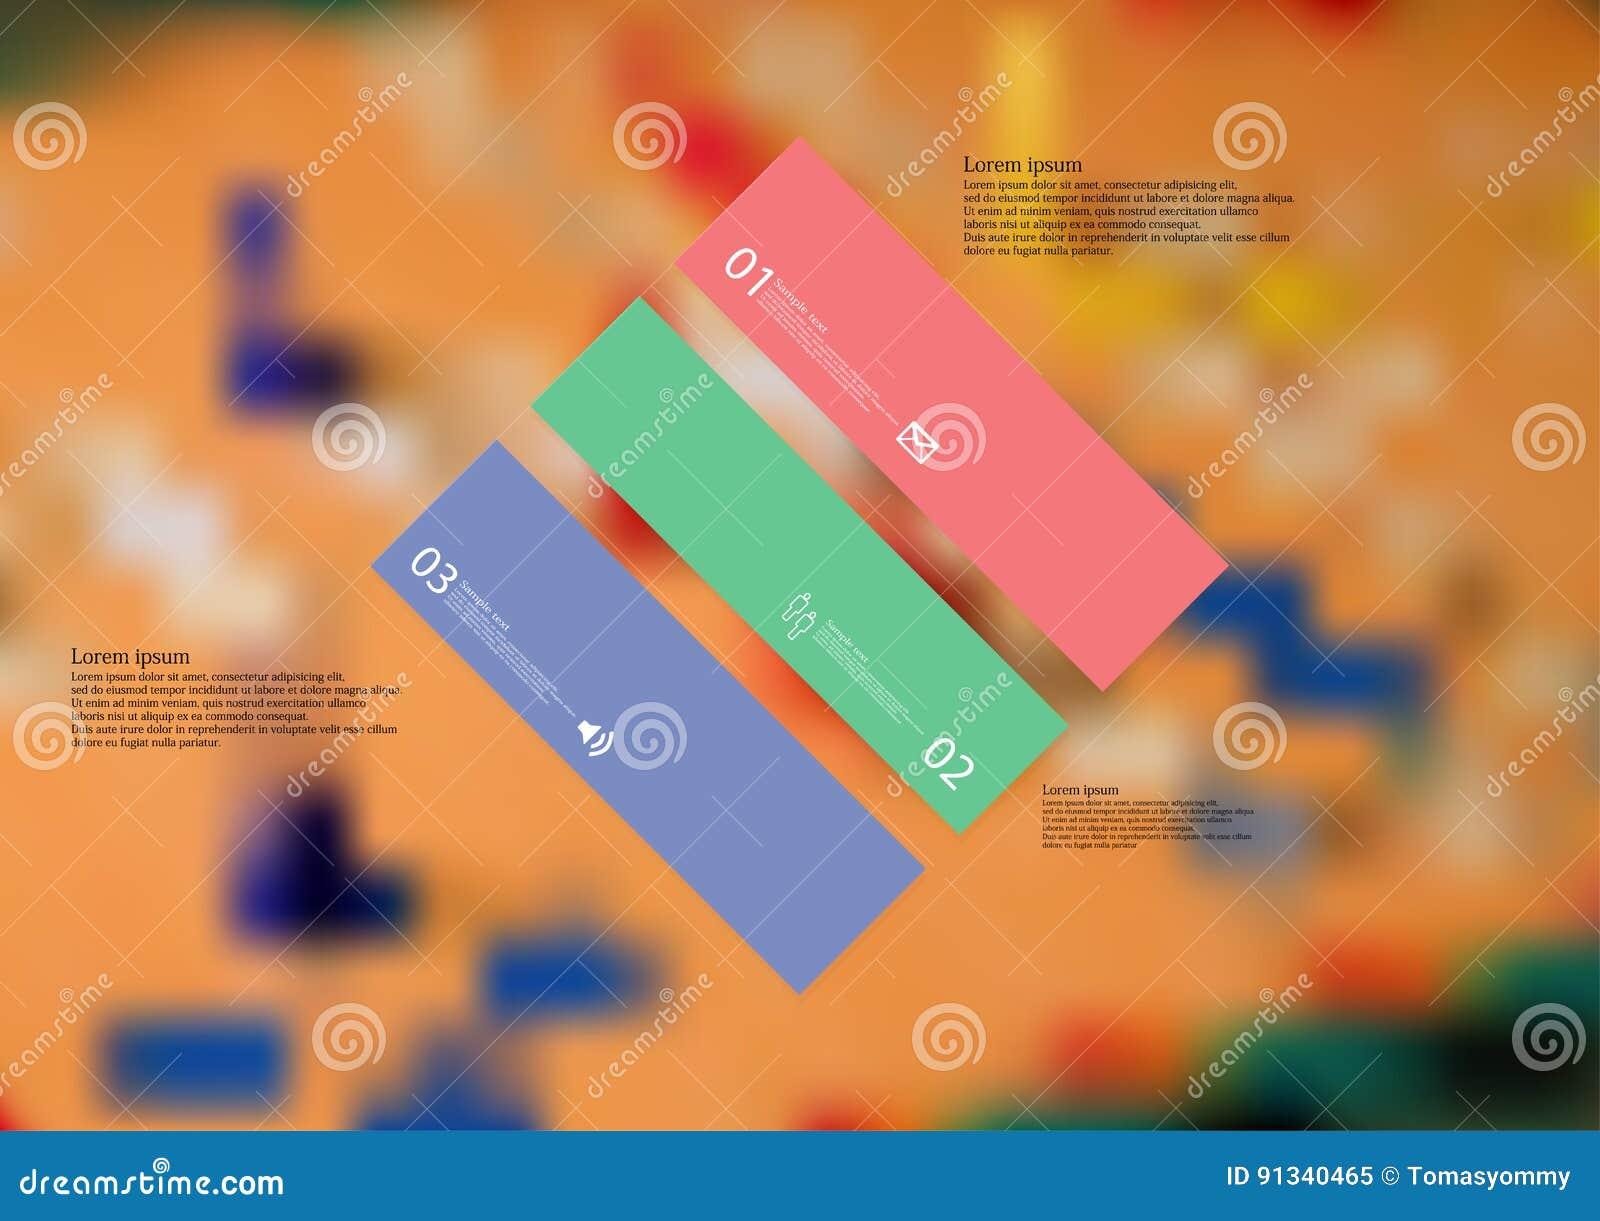 Шаблон иллюстрации infographic при косоугольник криво разделенный до 3 автономных части цвета